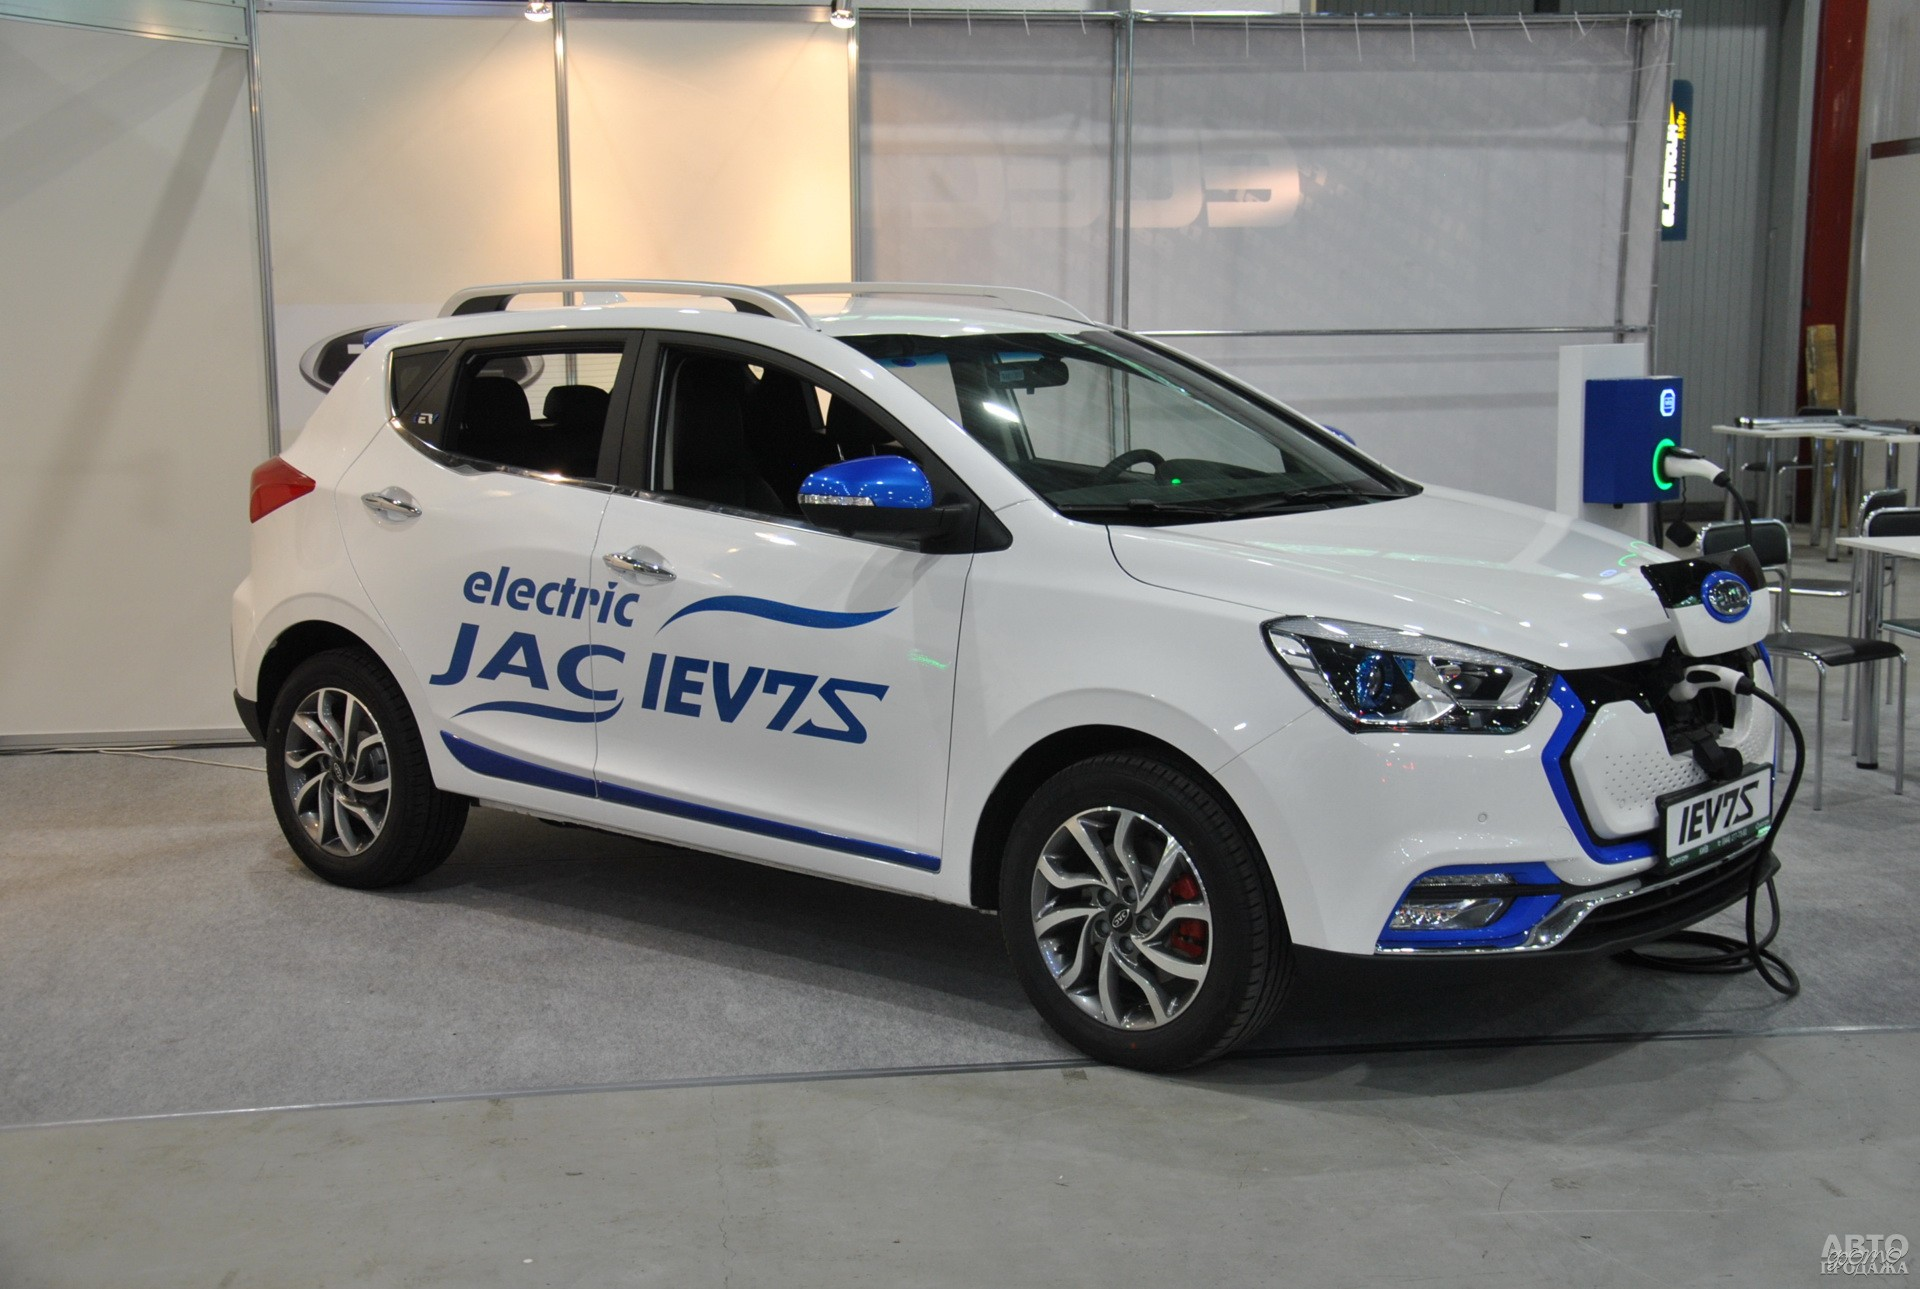 JAC iEV7S